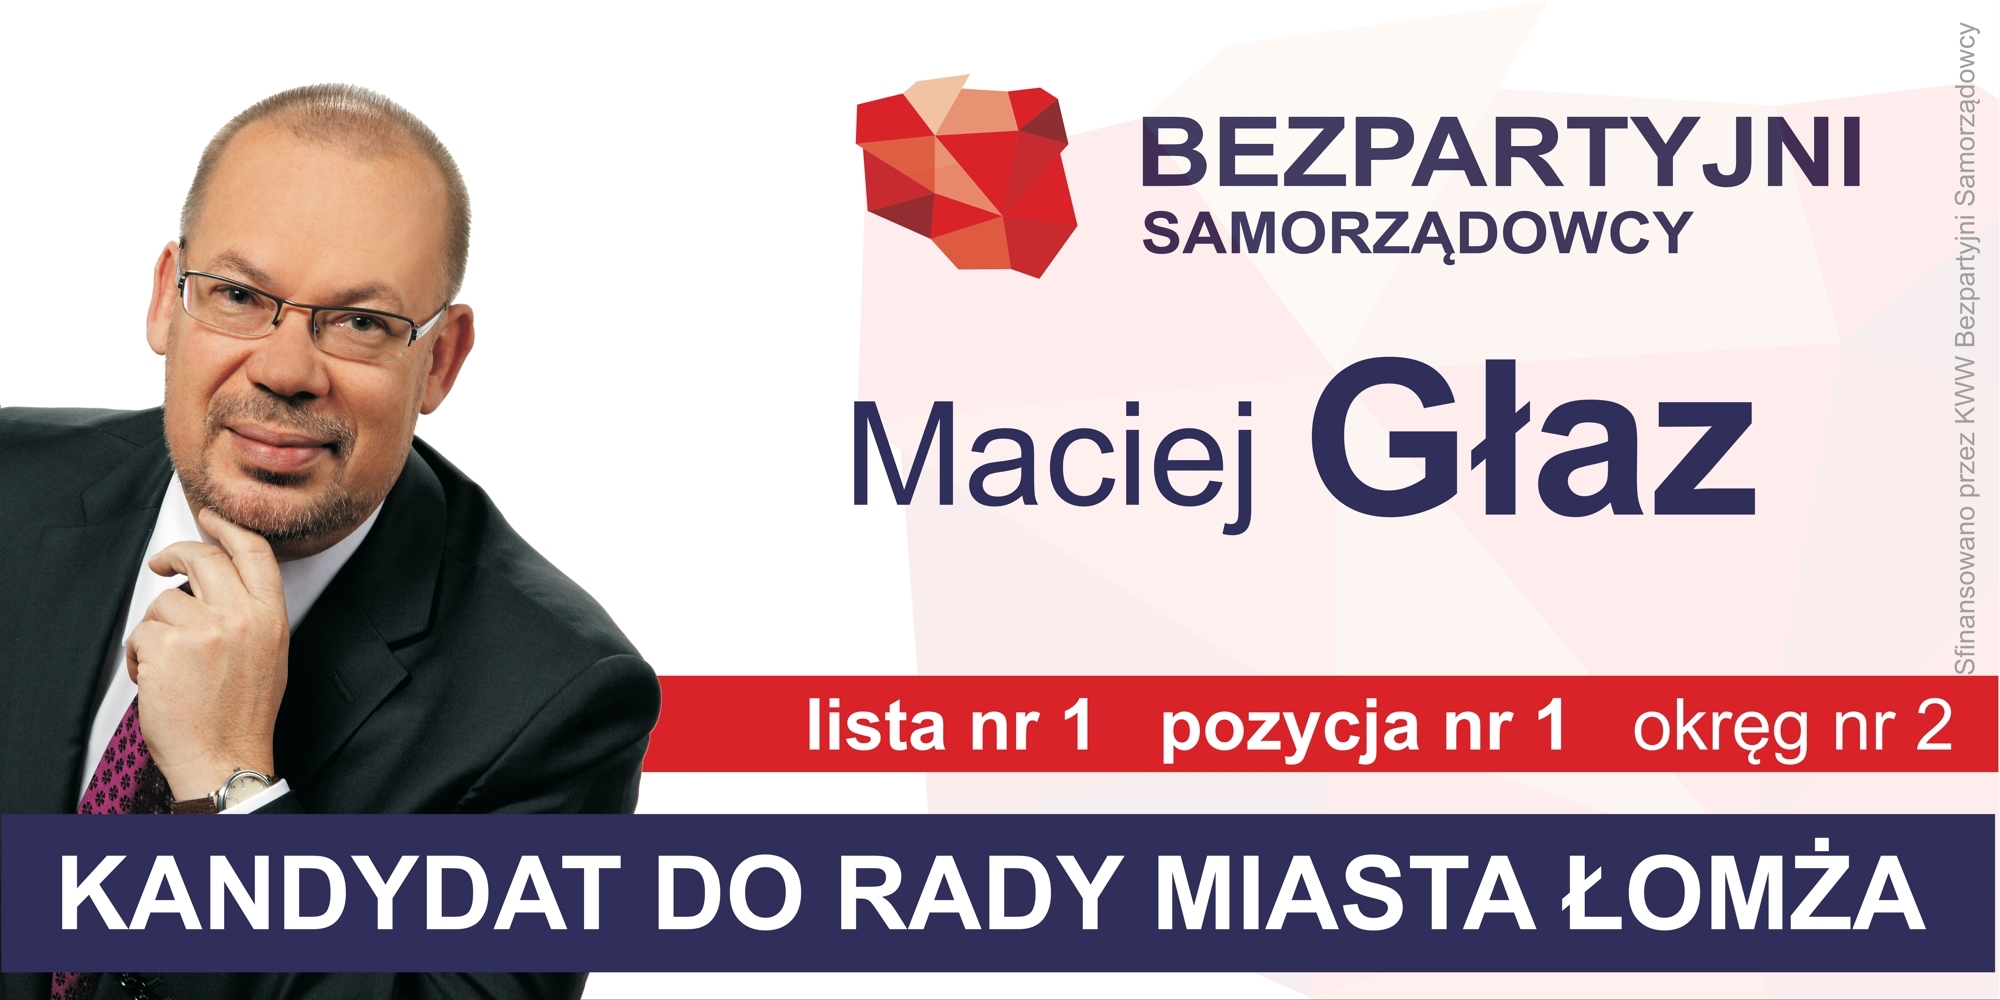 Maciej Głaz